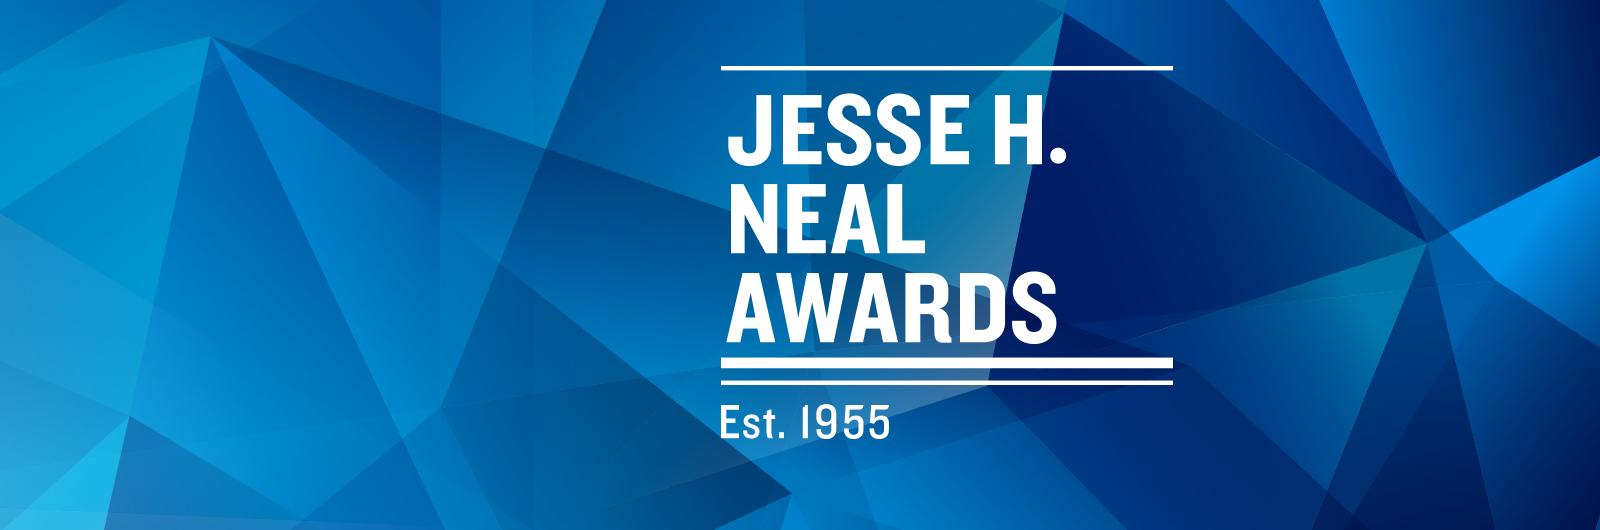 Neal award